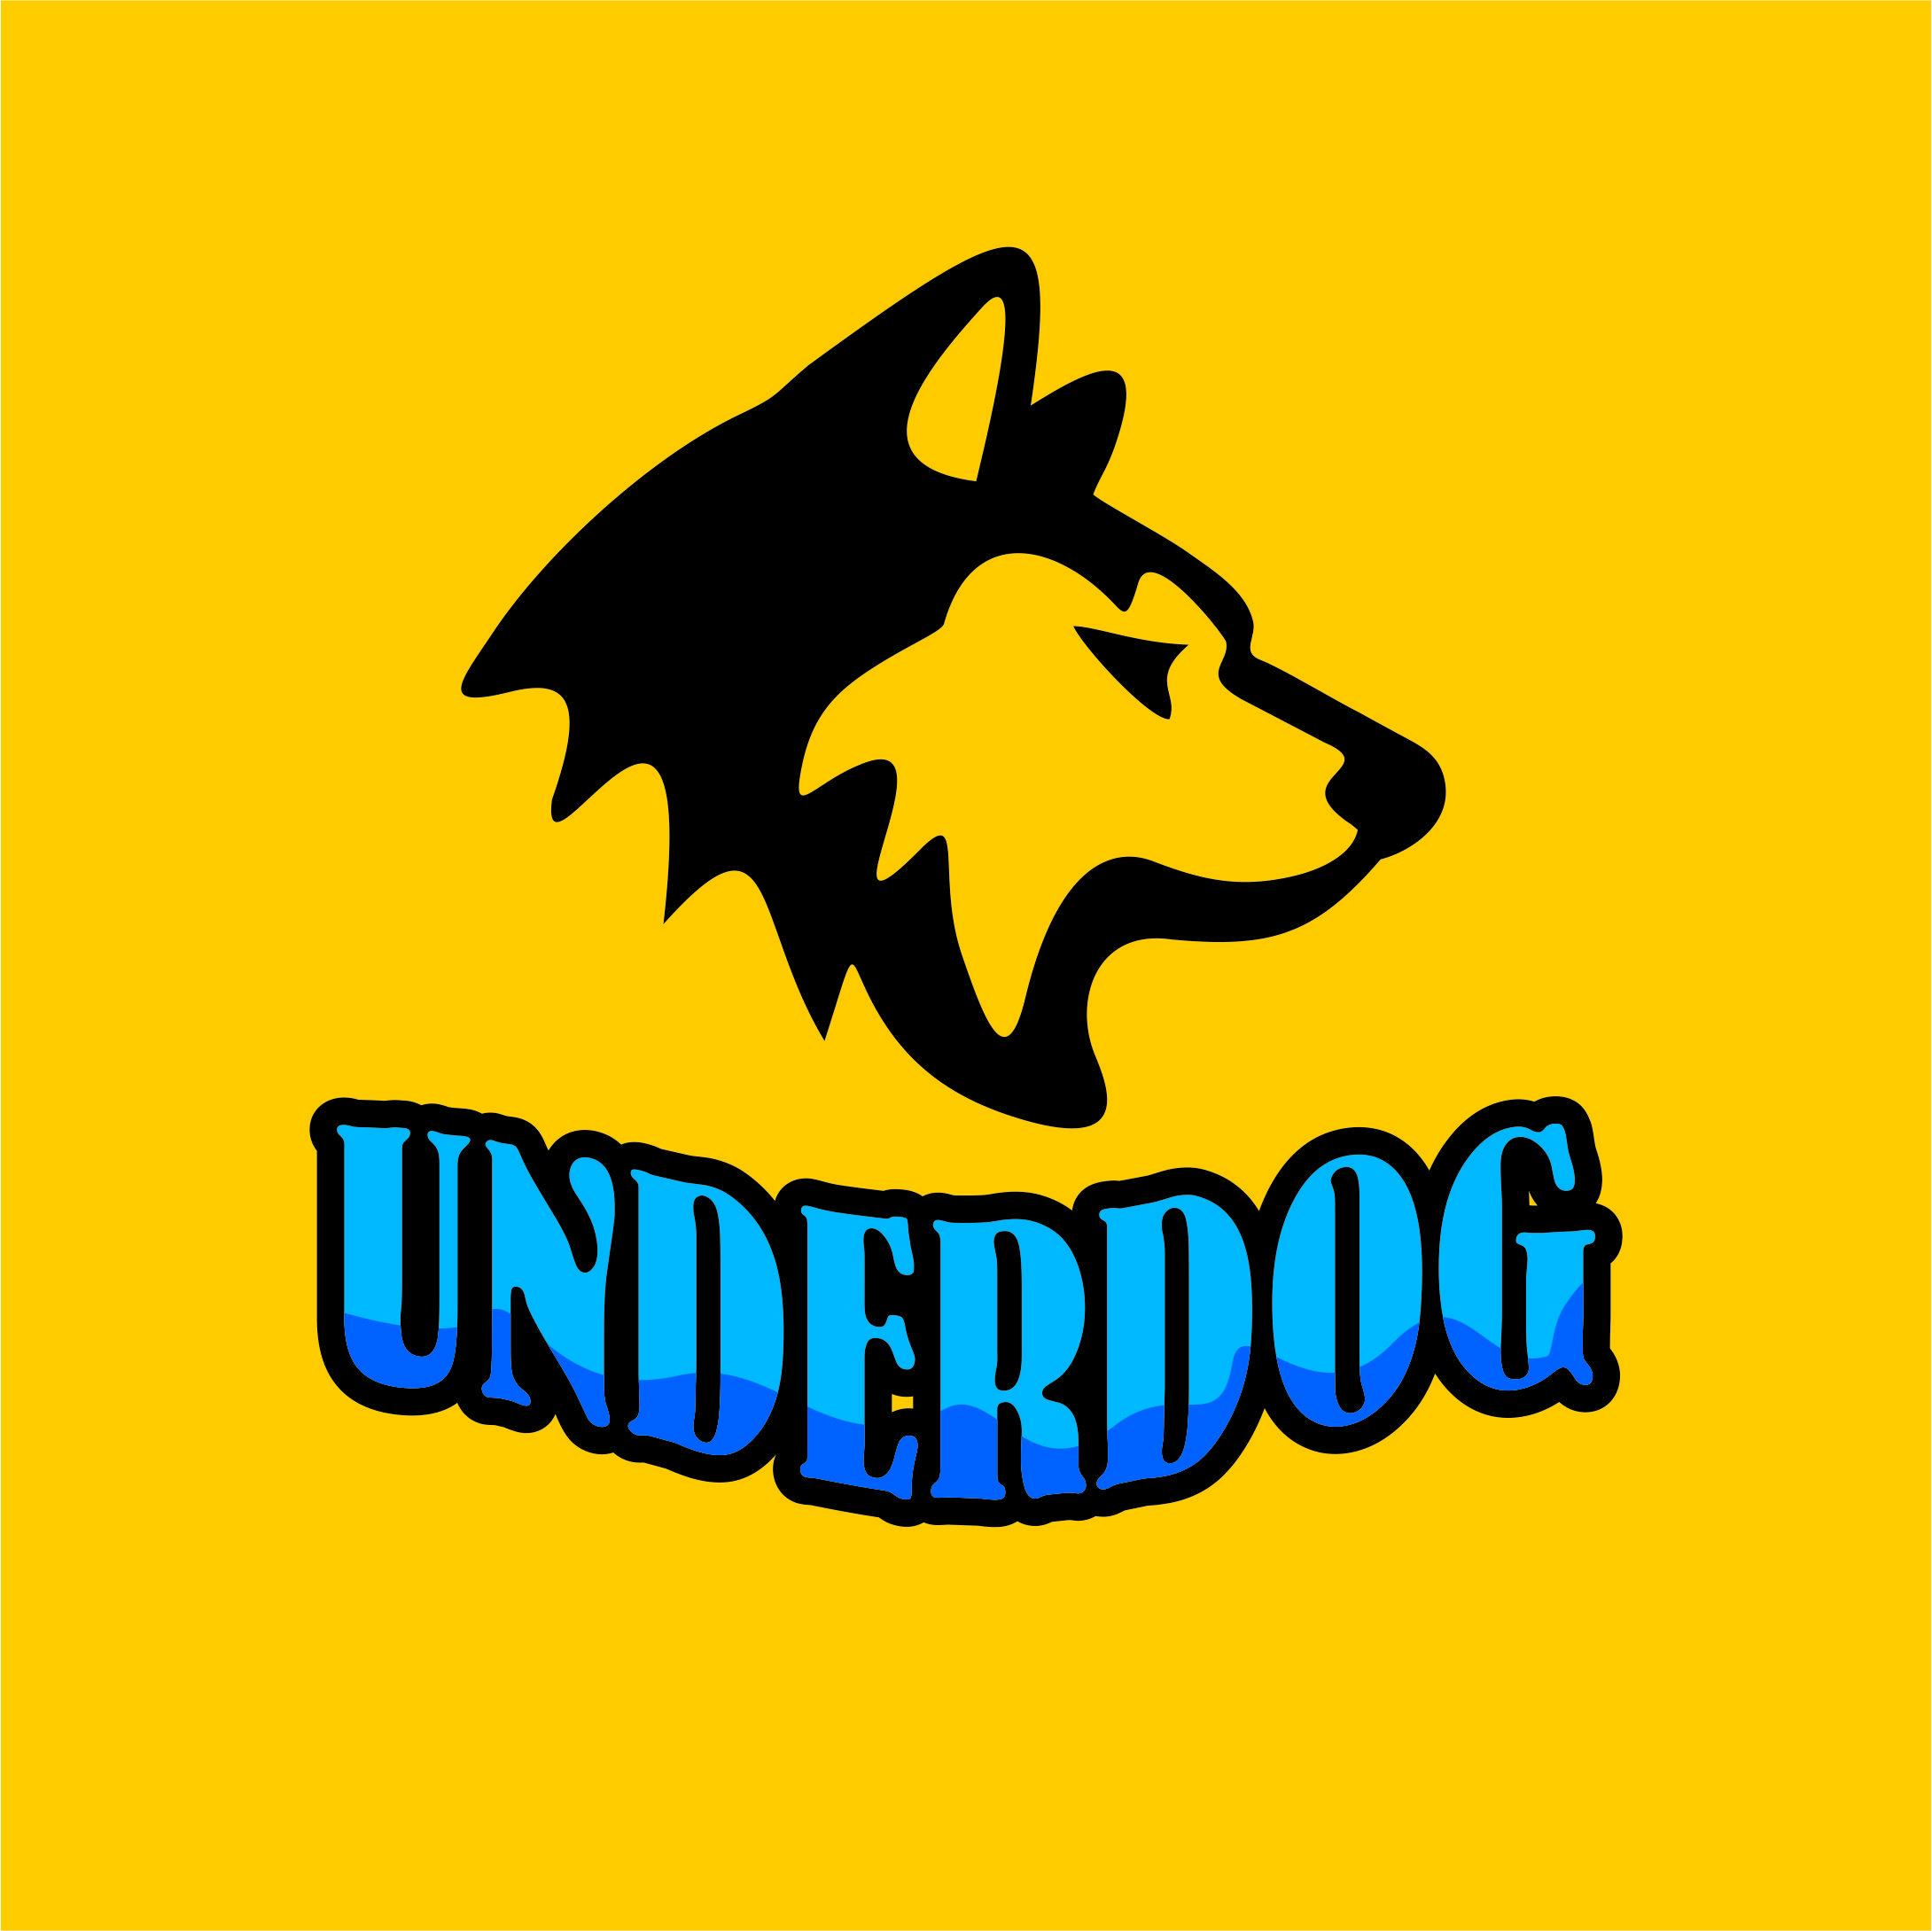 Футбольный клуб UNDERDOG - разработать фирстиль и бренд-бук фото f_9375cae3fcaeebb4.jpg